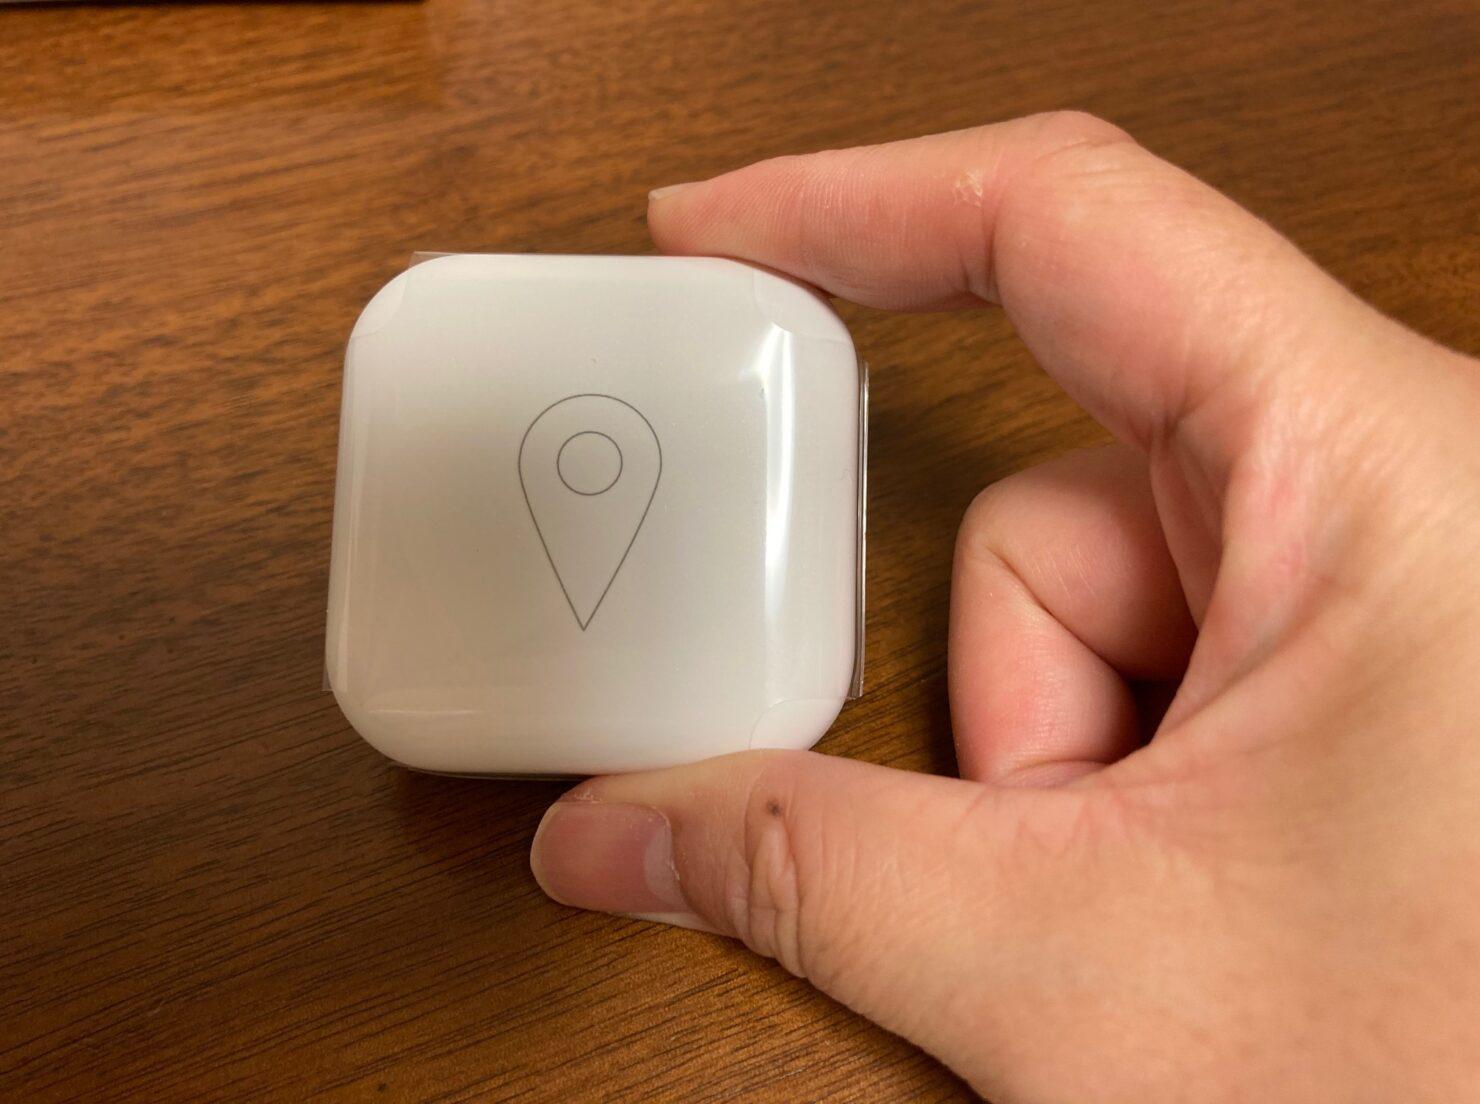 子供用GPSは必要?  種類と選び方、おすすめの見守りアプリも紹介